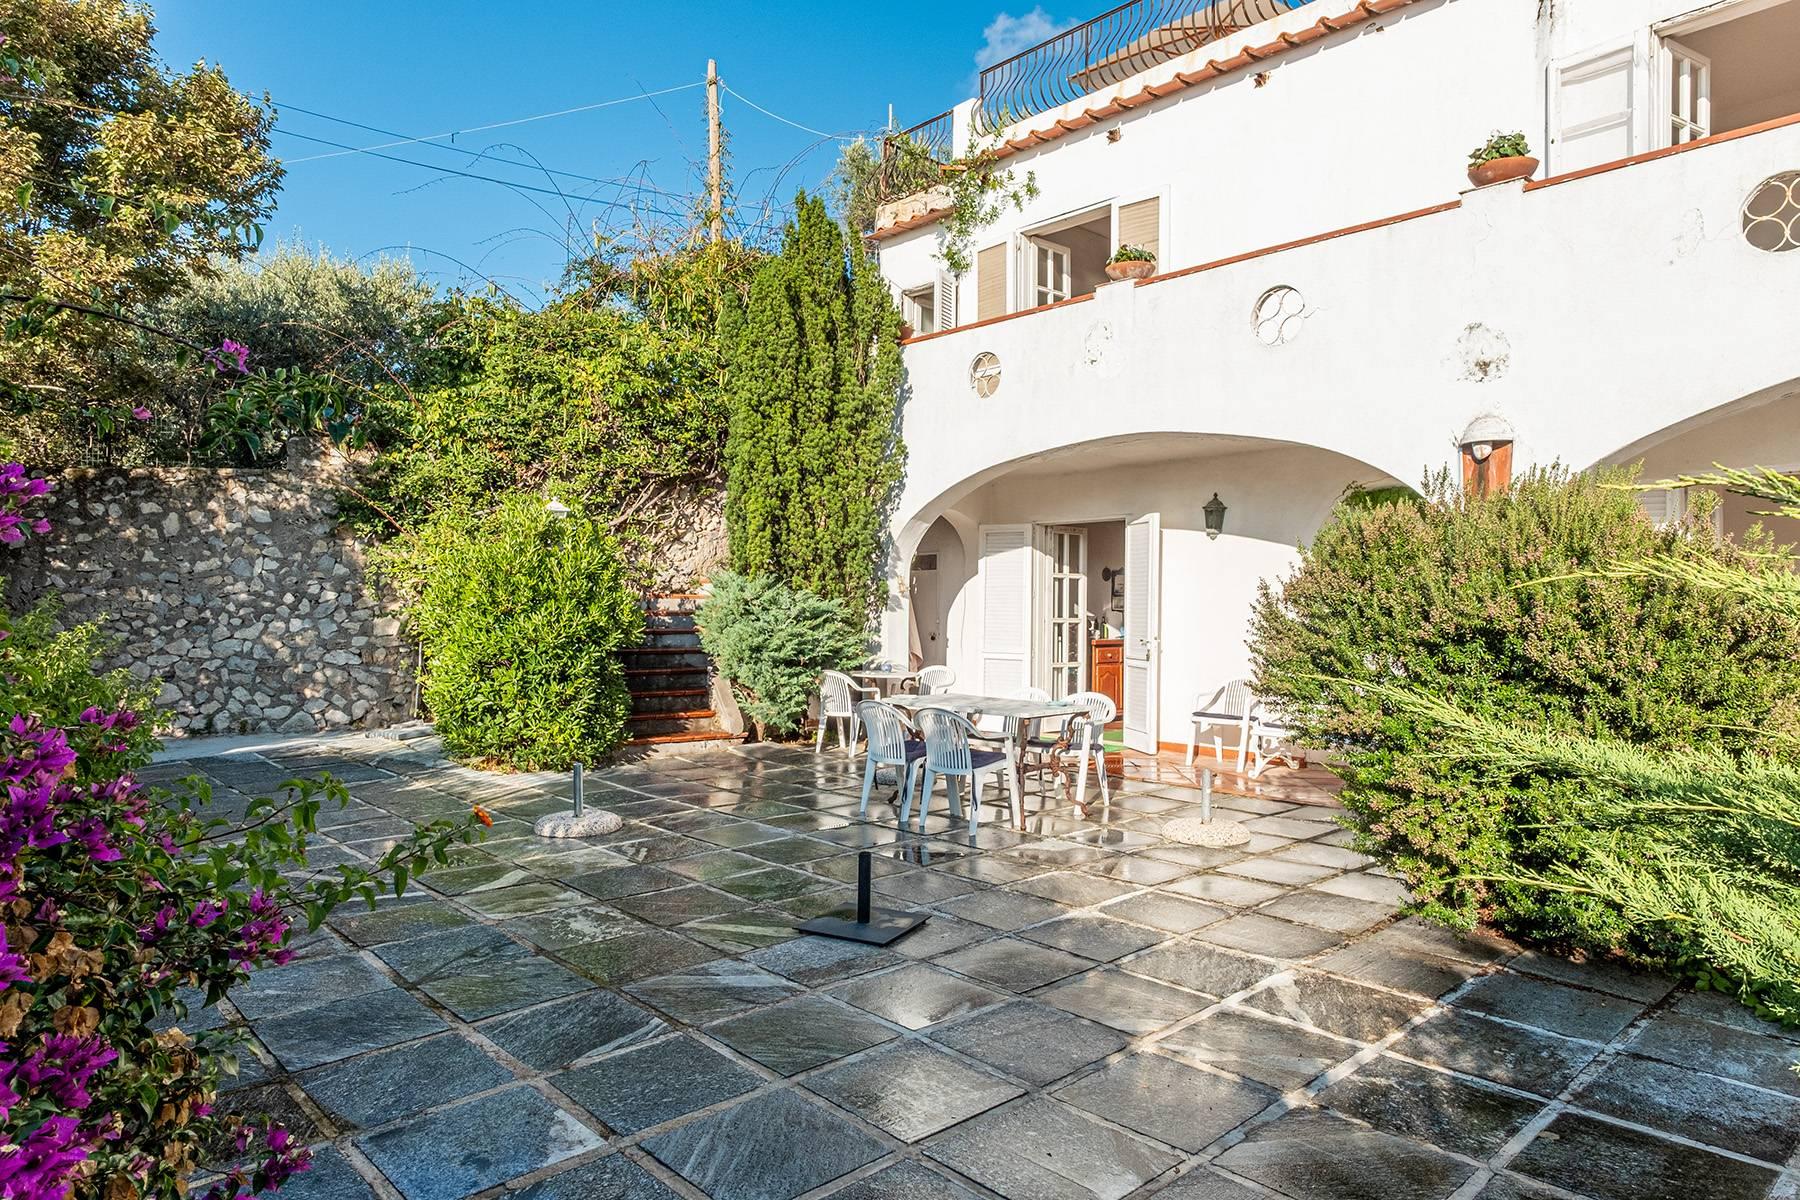 Villa in Vendita a Capri: 5 locali, 200 mq - Foto 24